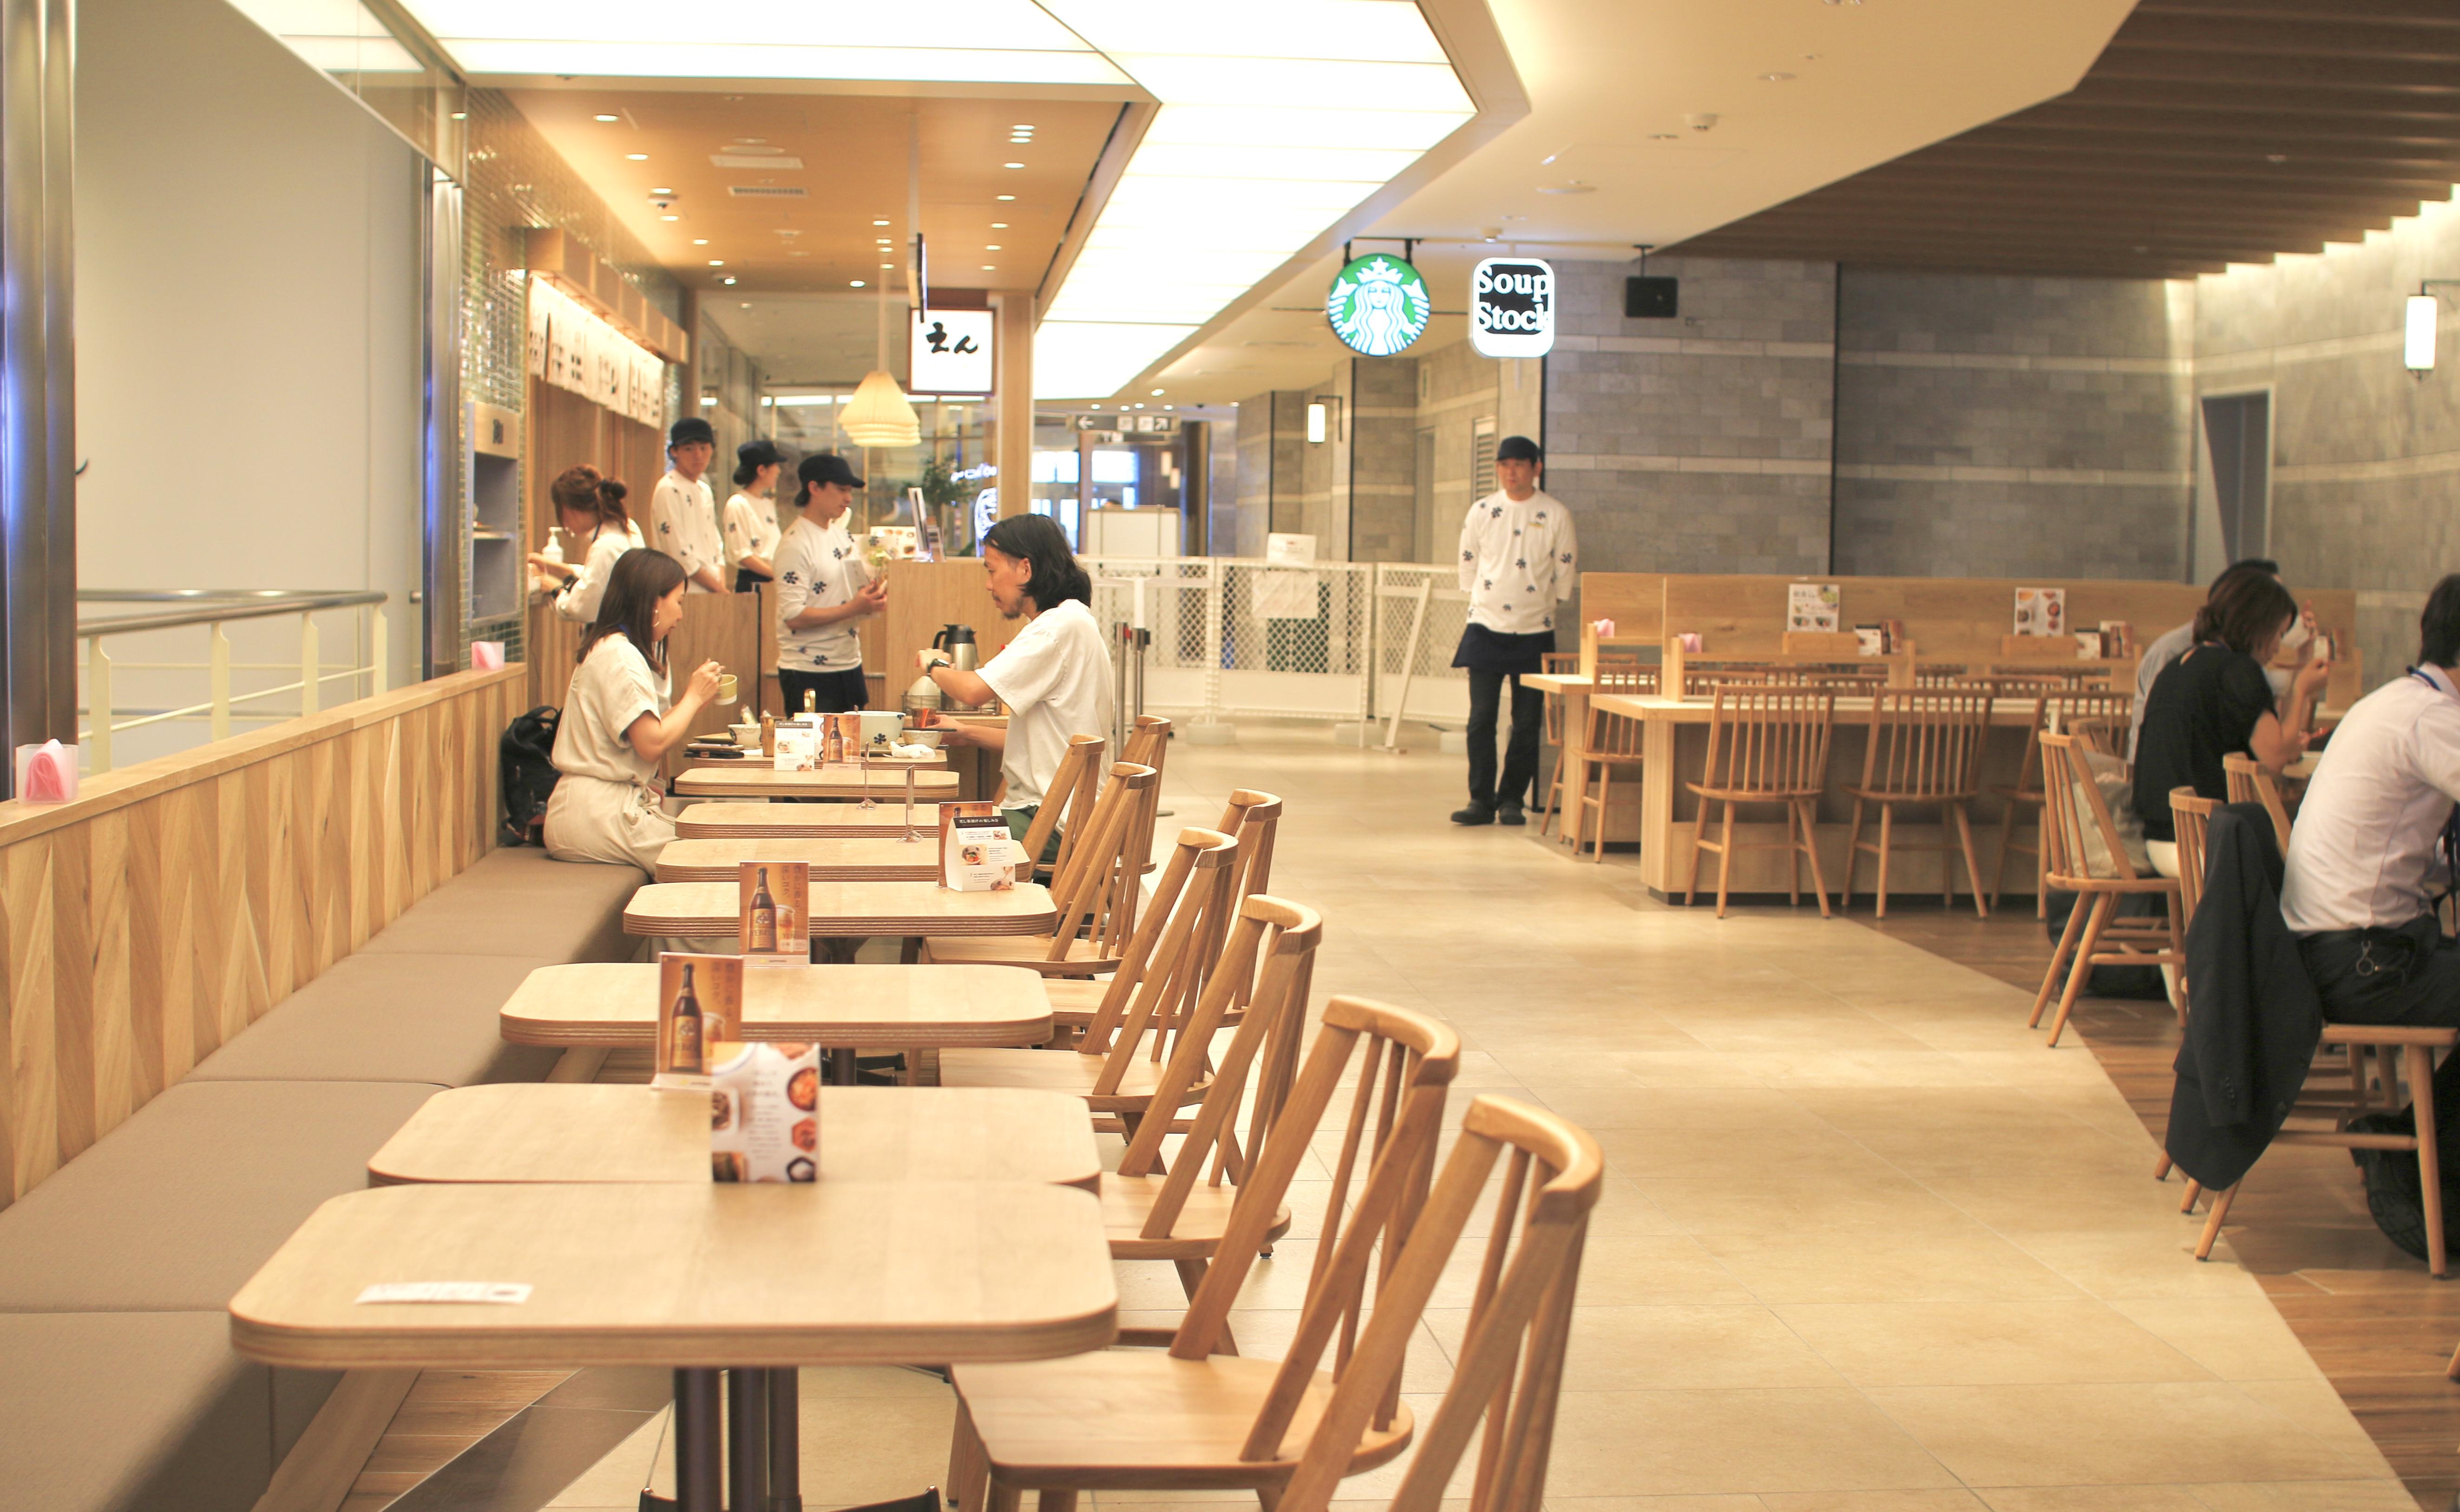 名古屋駅直結「タワーズプラザ レストラン街」がリニューアル!東海初出店のお店が続々オープン - fullsizeoutput d6